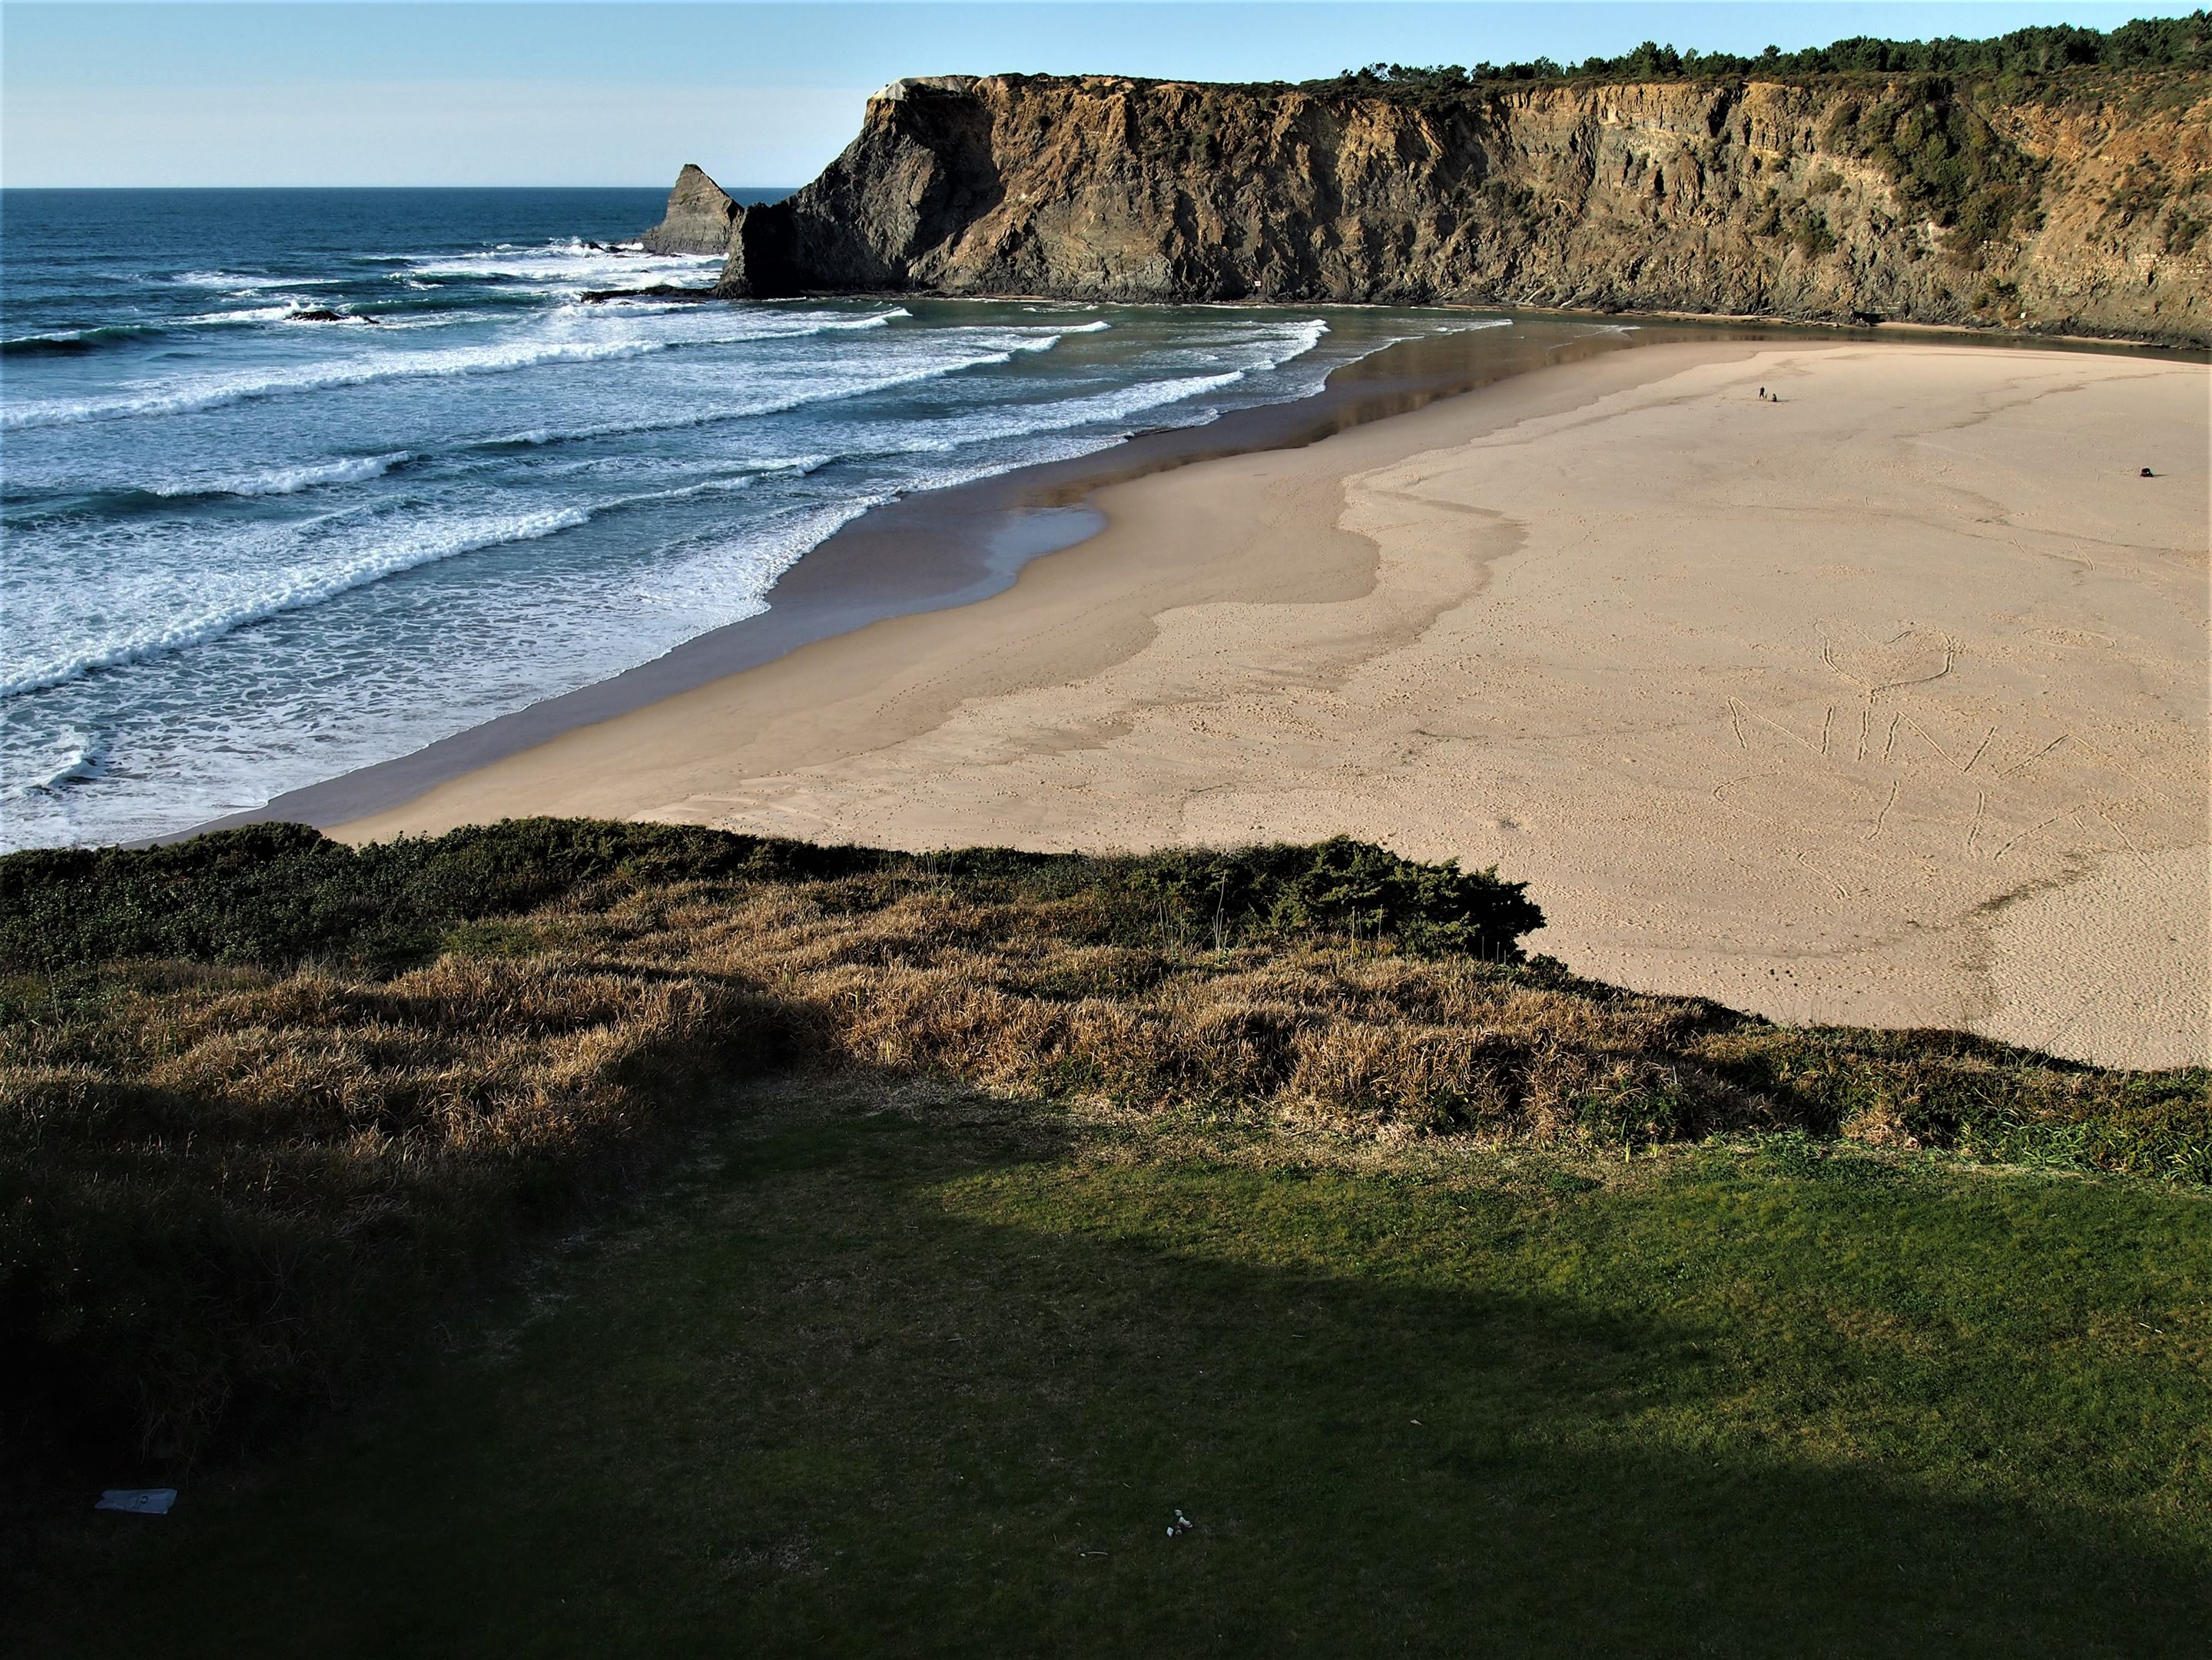 Praia de Odeceixe, com a Ribeira de Odeceixe ao fundo em direção ao Oceano Atlântico.